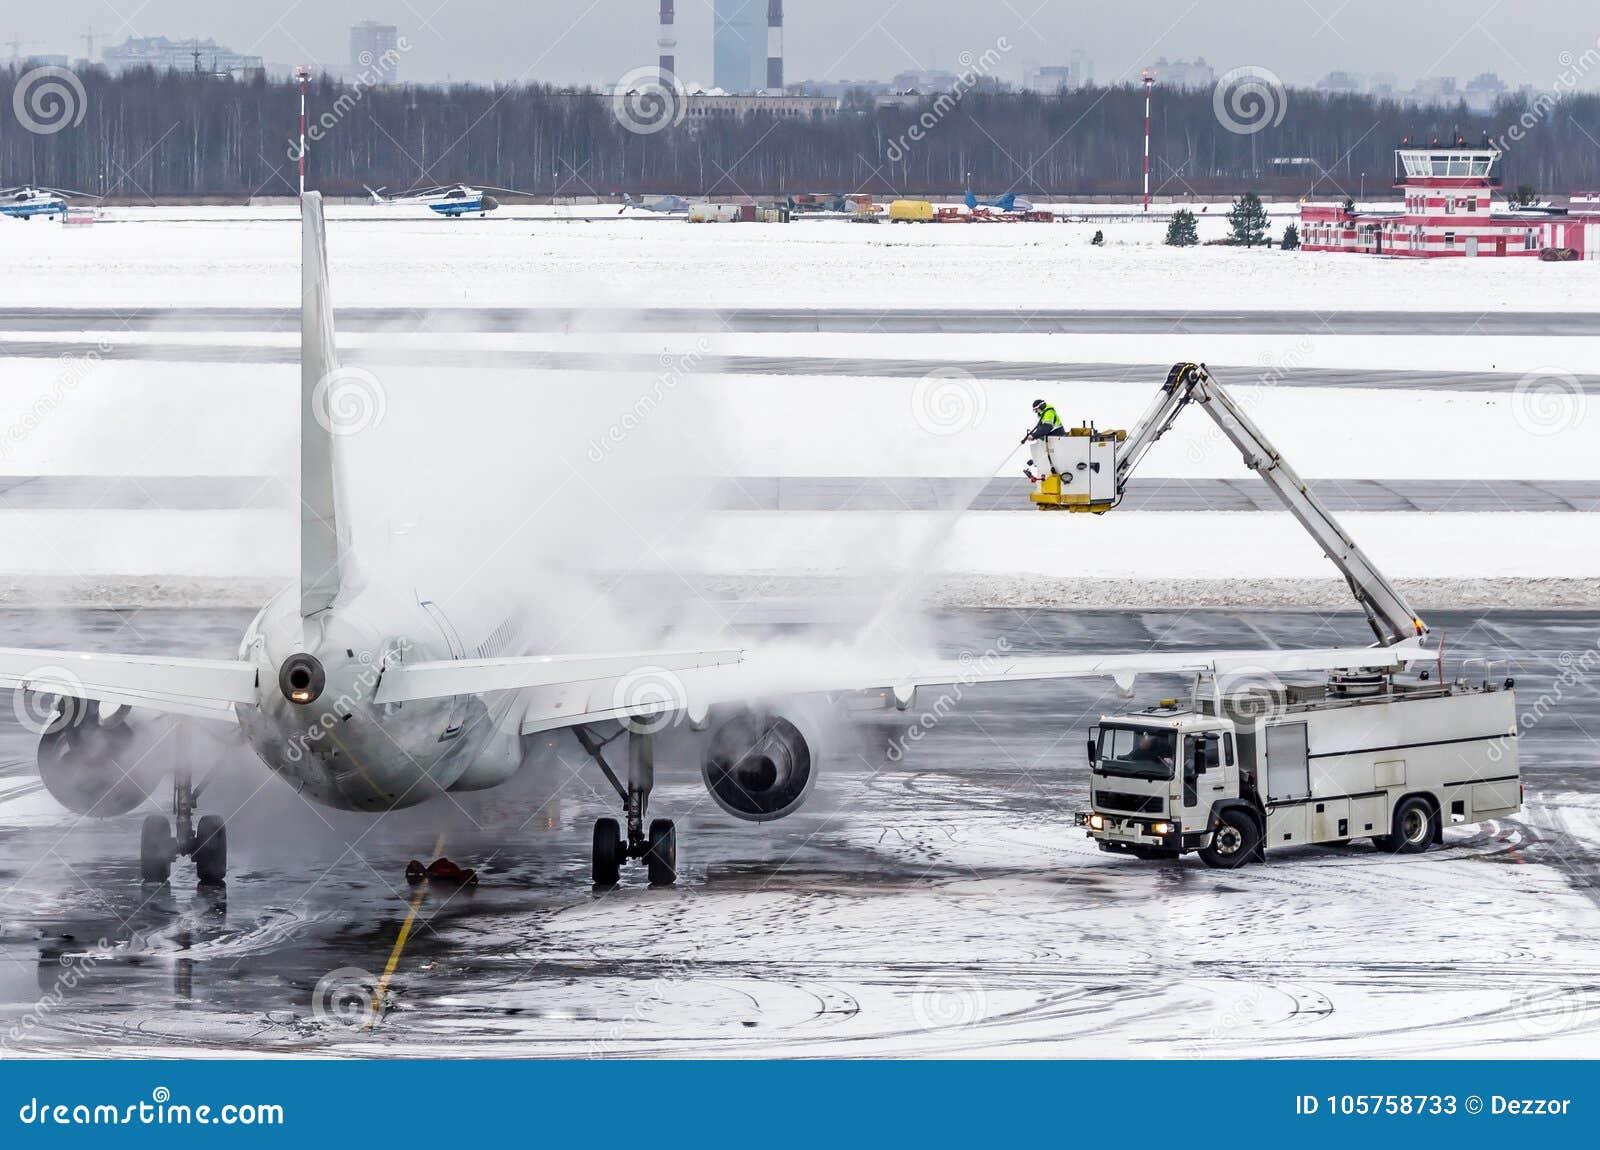 El equipo de tierra proporciona a de icing Están pintando (con vaporizador) el avión, que previene el acontecimiento de la helada